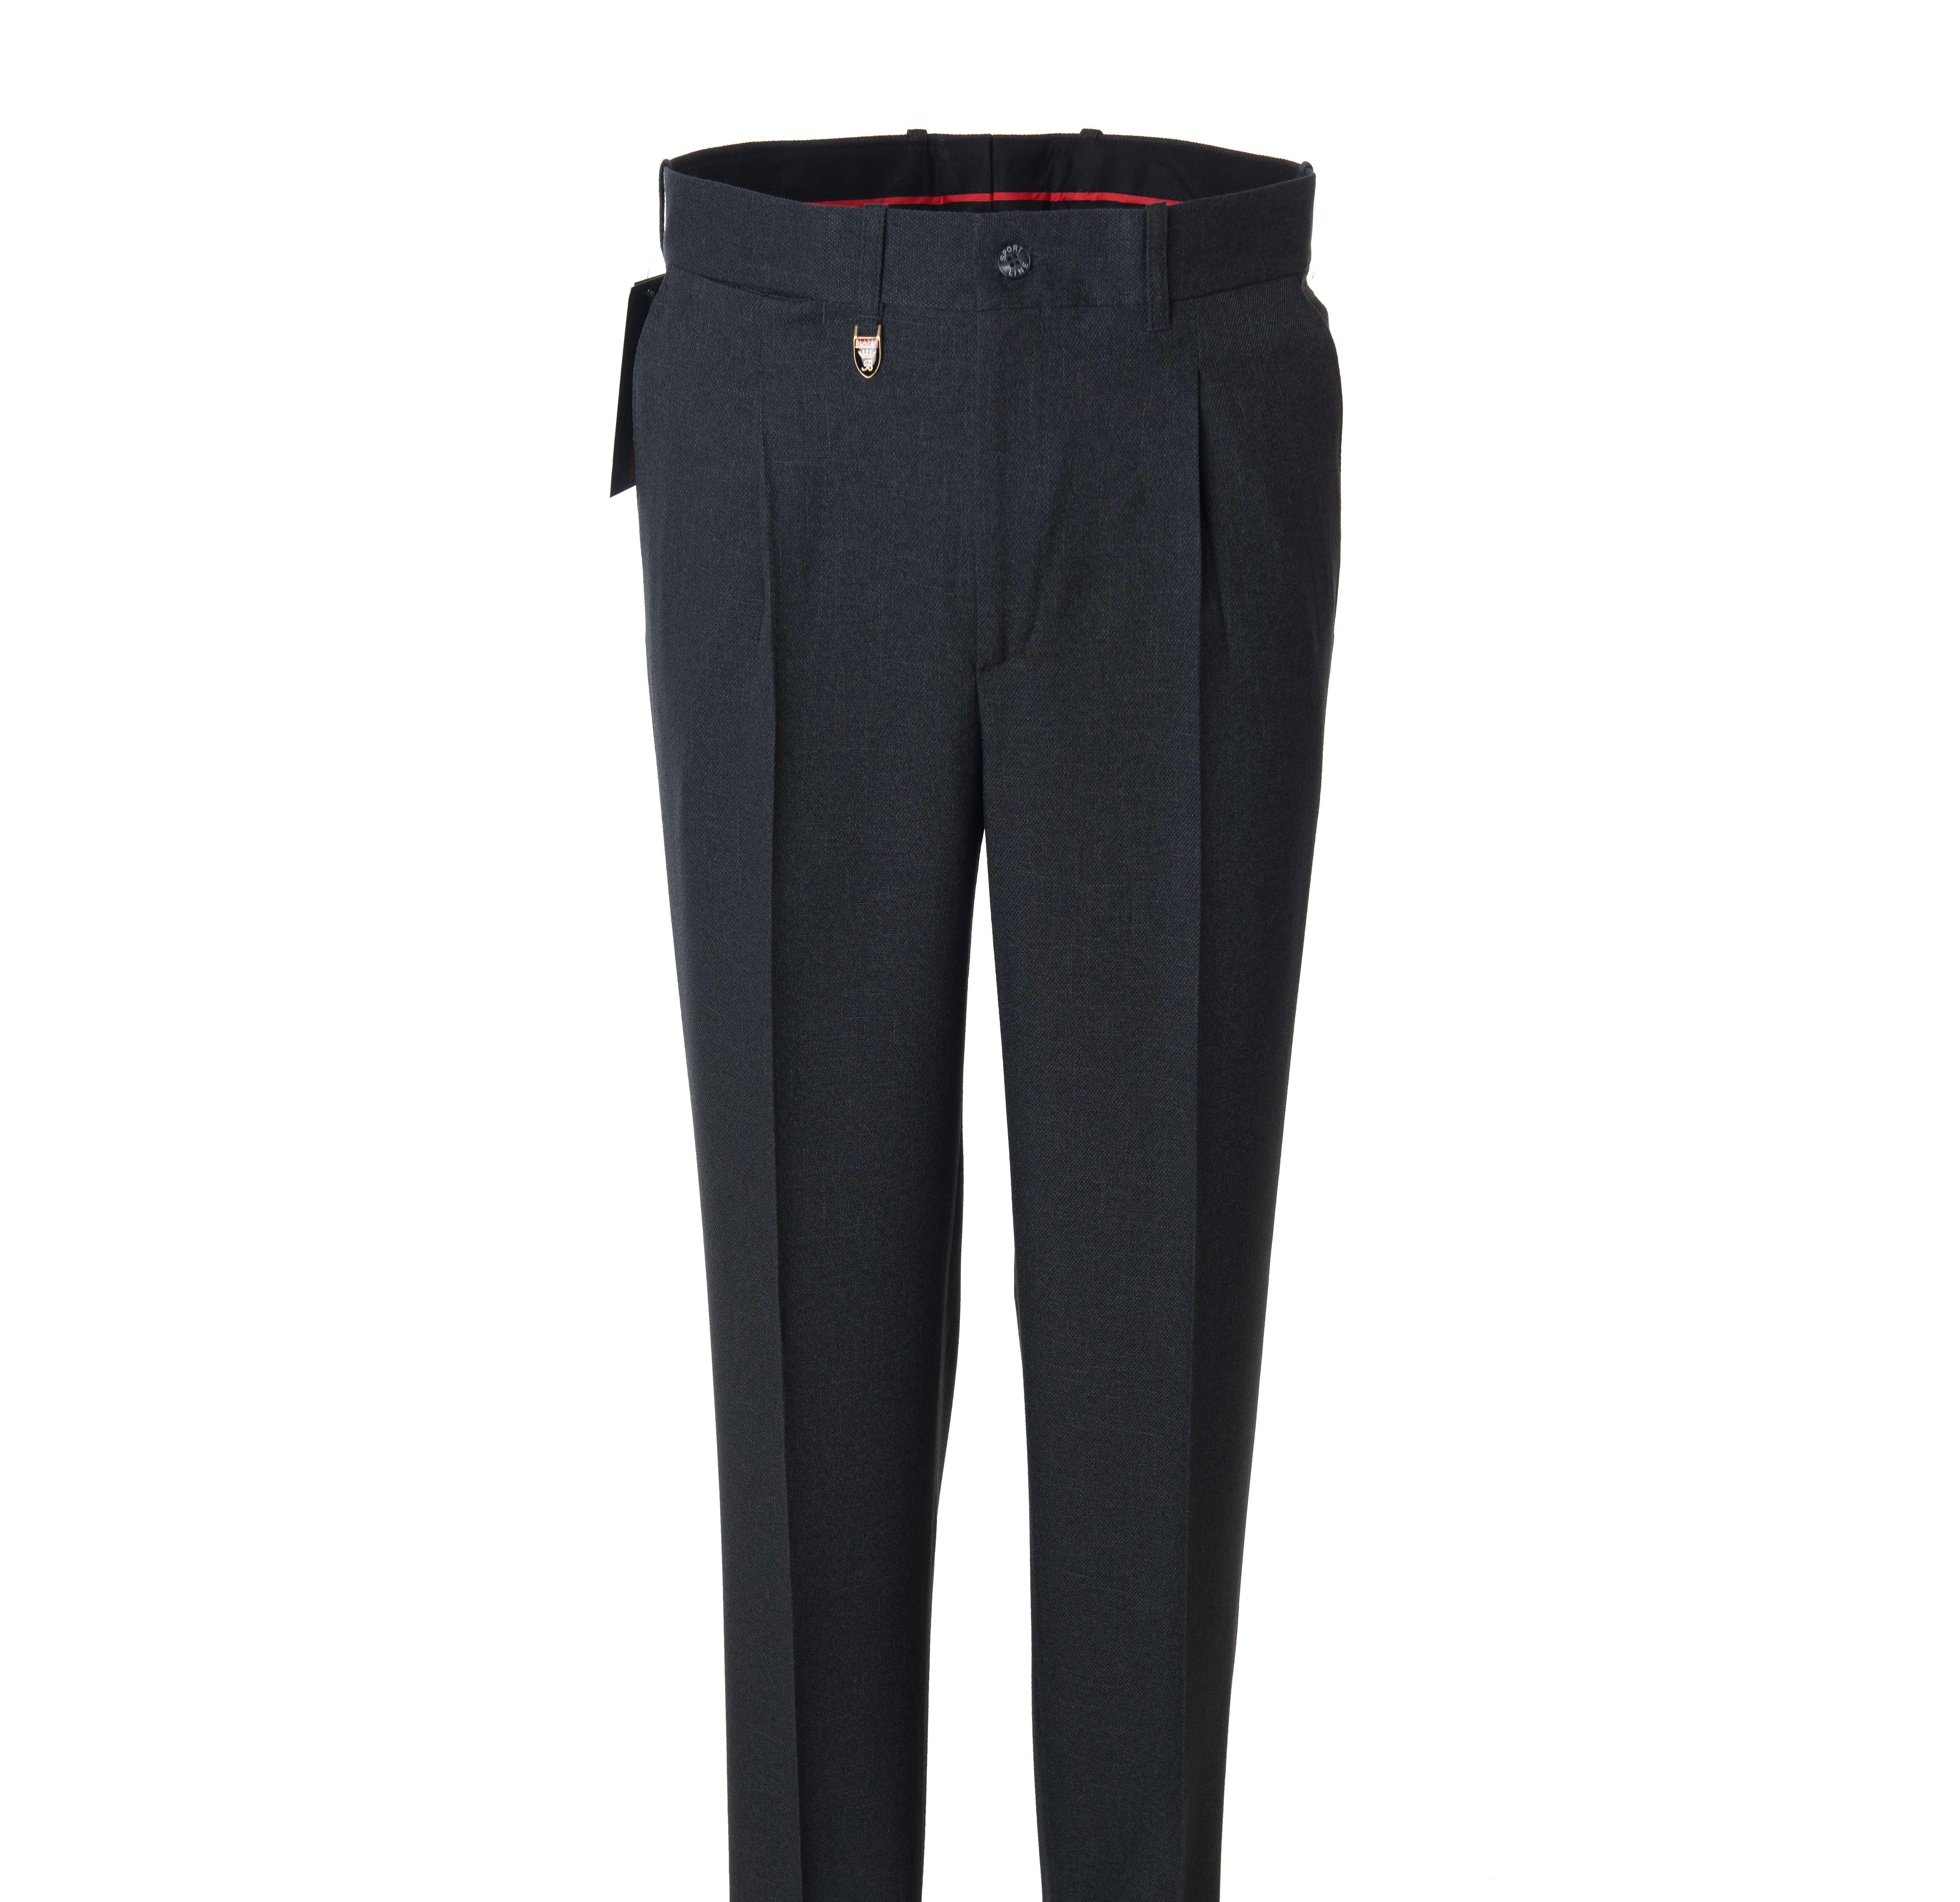 bbe453211c Pantalón pinzas para caballero - Pantalones Blaper